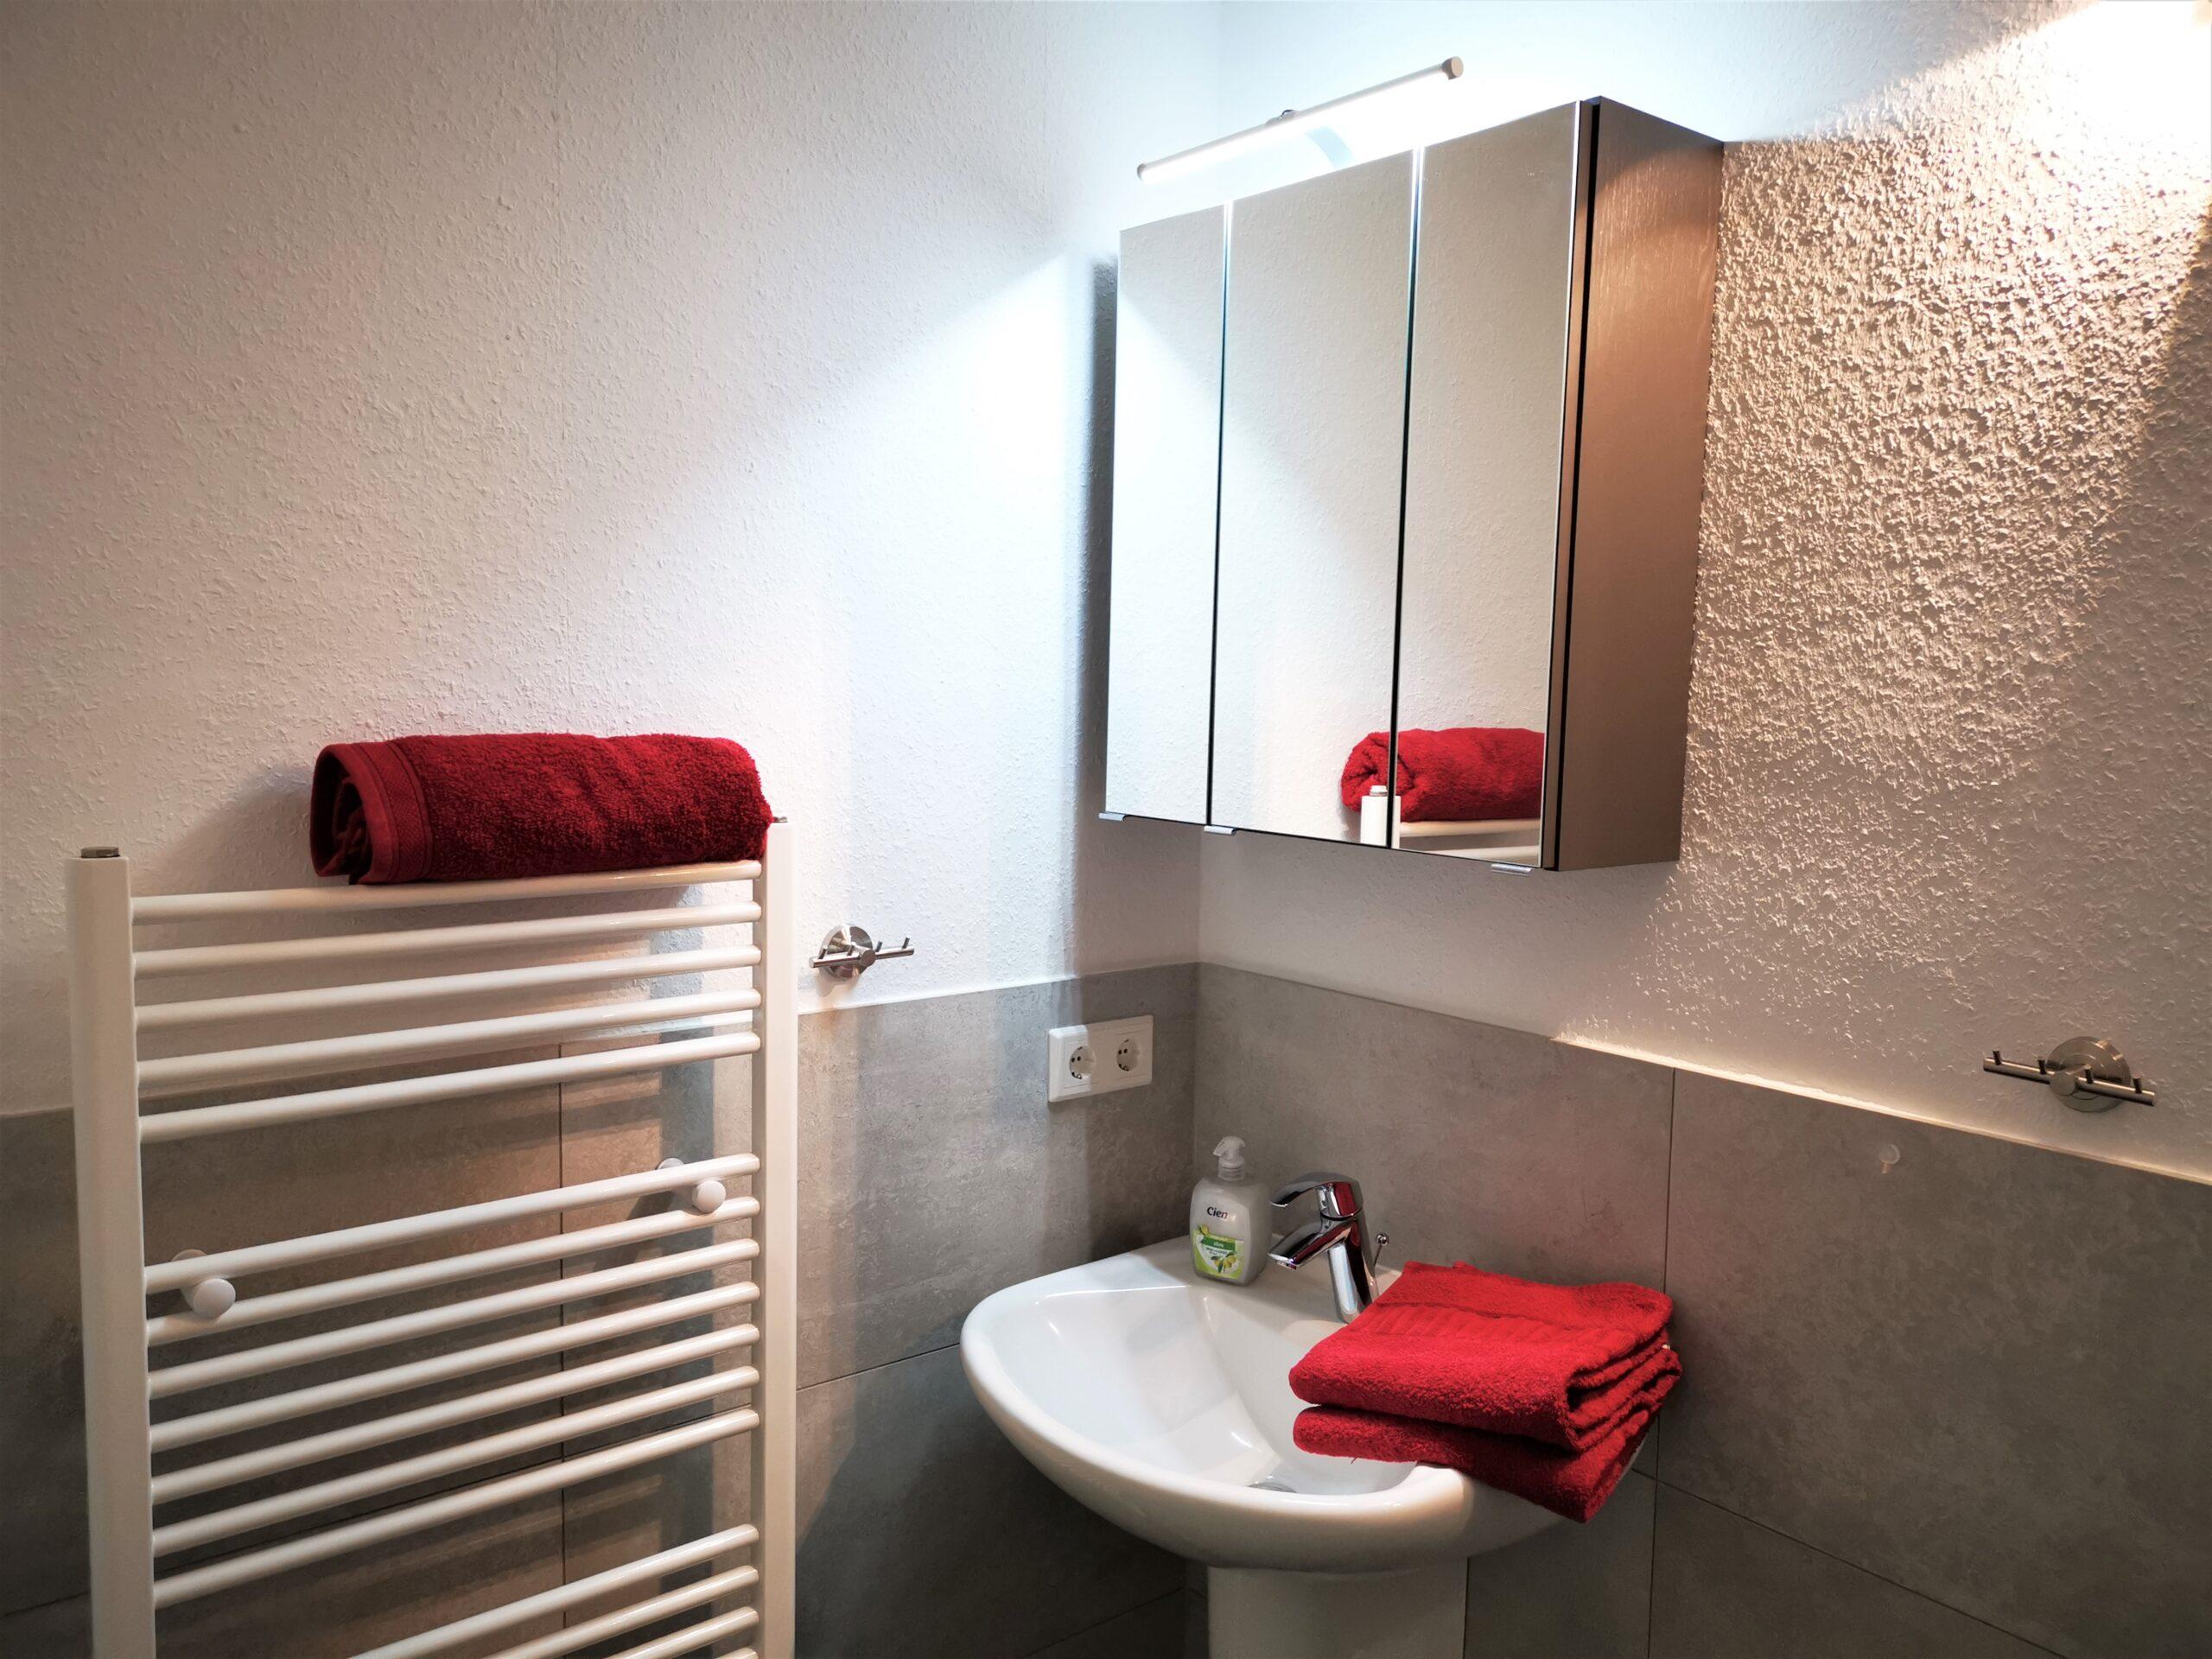 Badezimmer der Ferienwohnung Fehmarn von Ferienwohnungen Hass auf Fehmarn